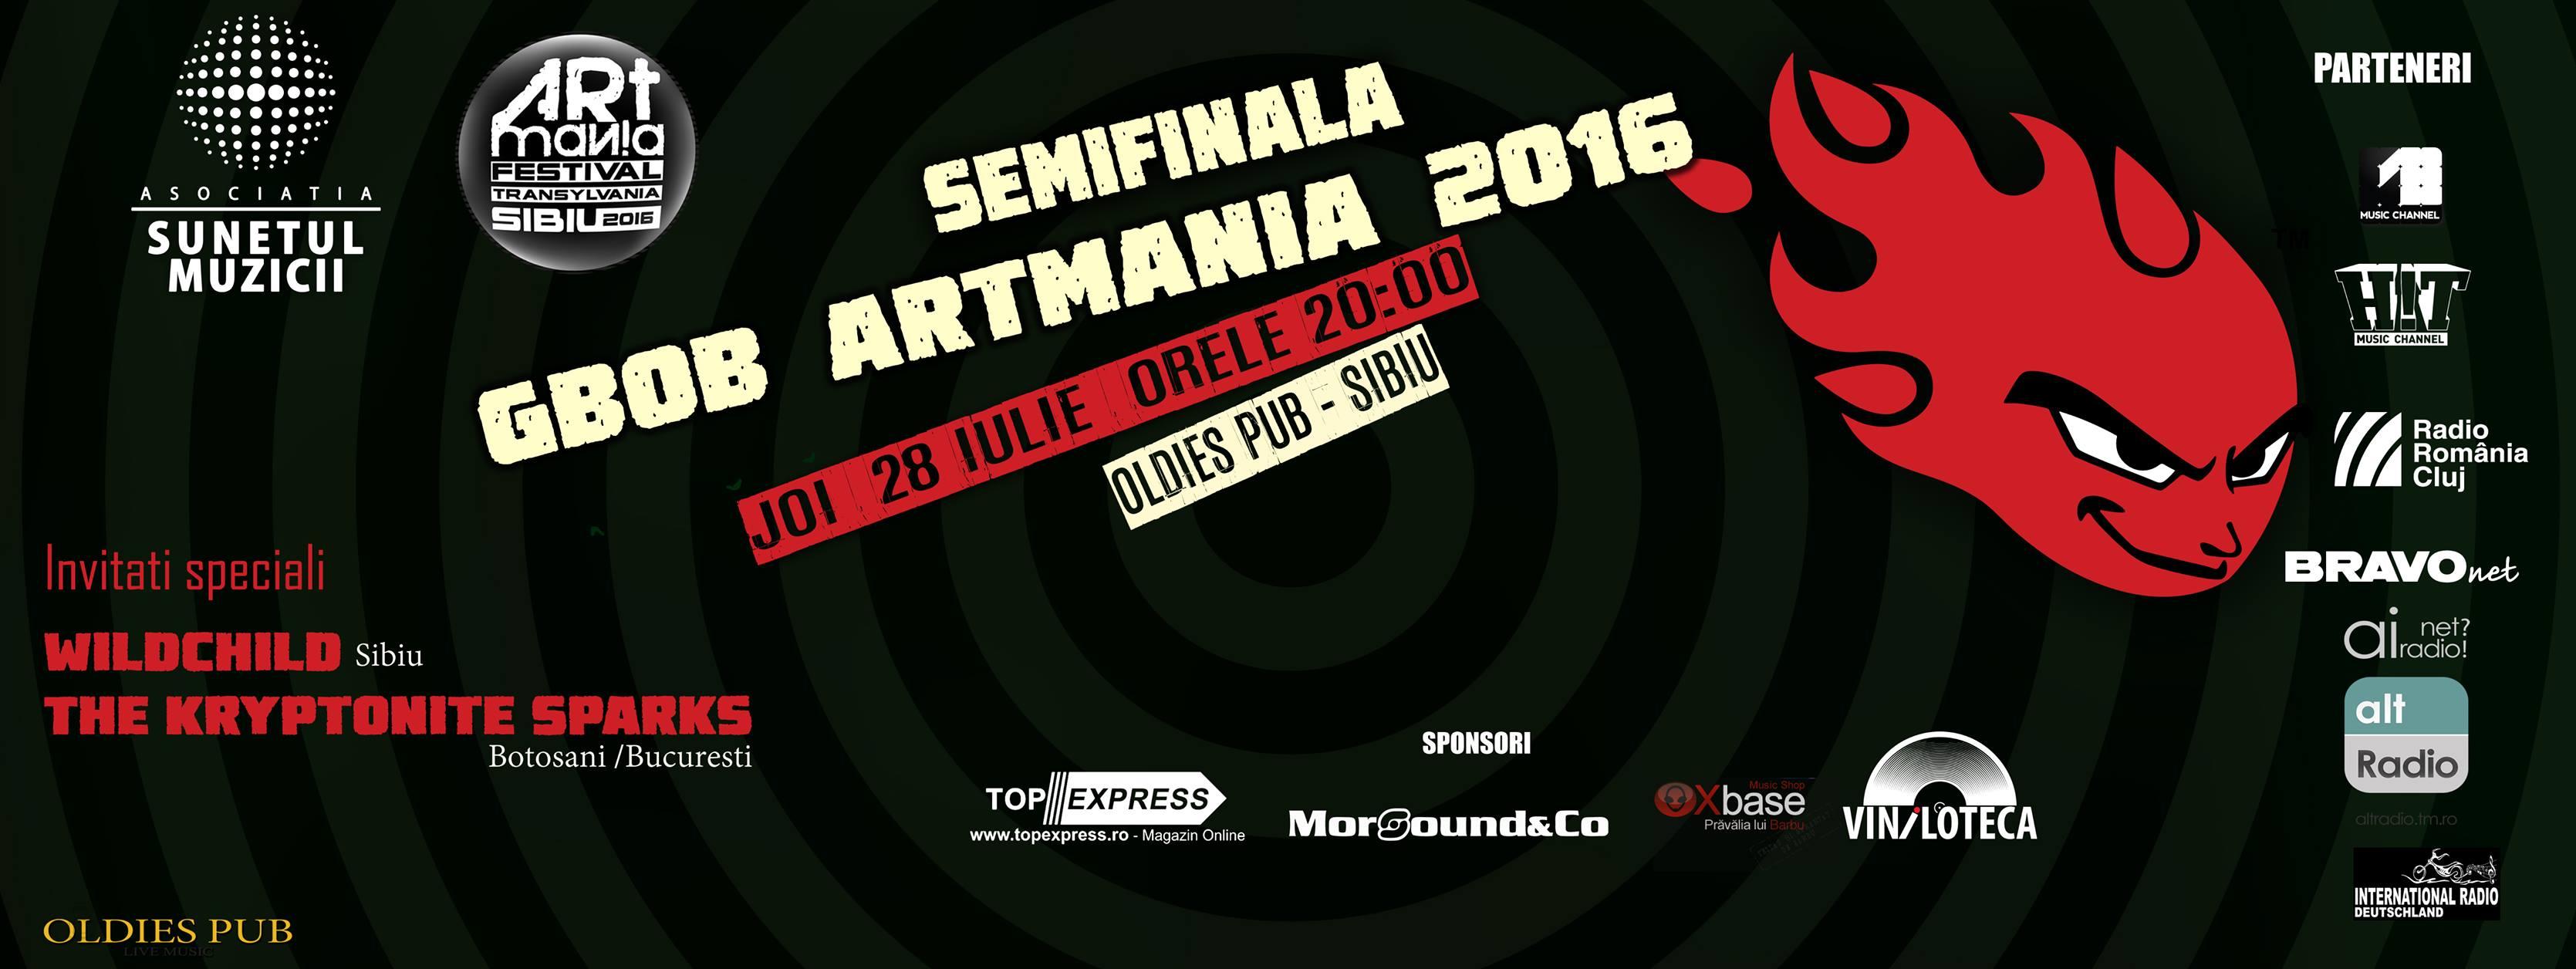 GBOB România 2016. Semifinala ARTmania